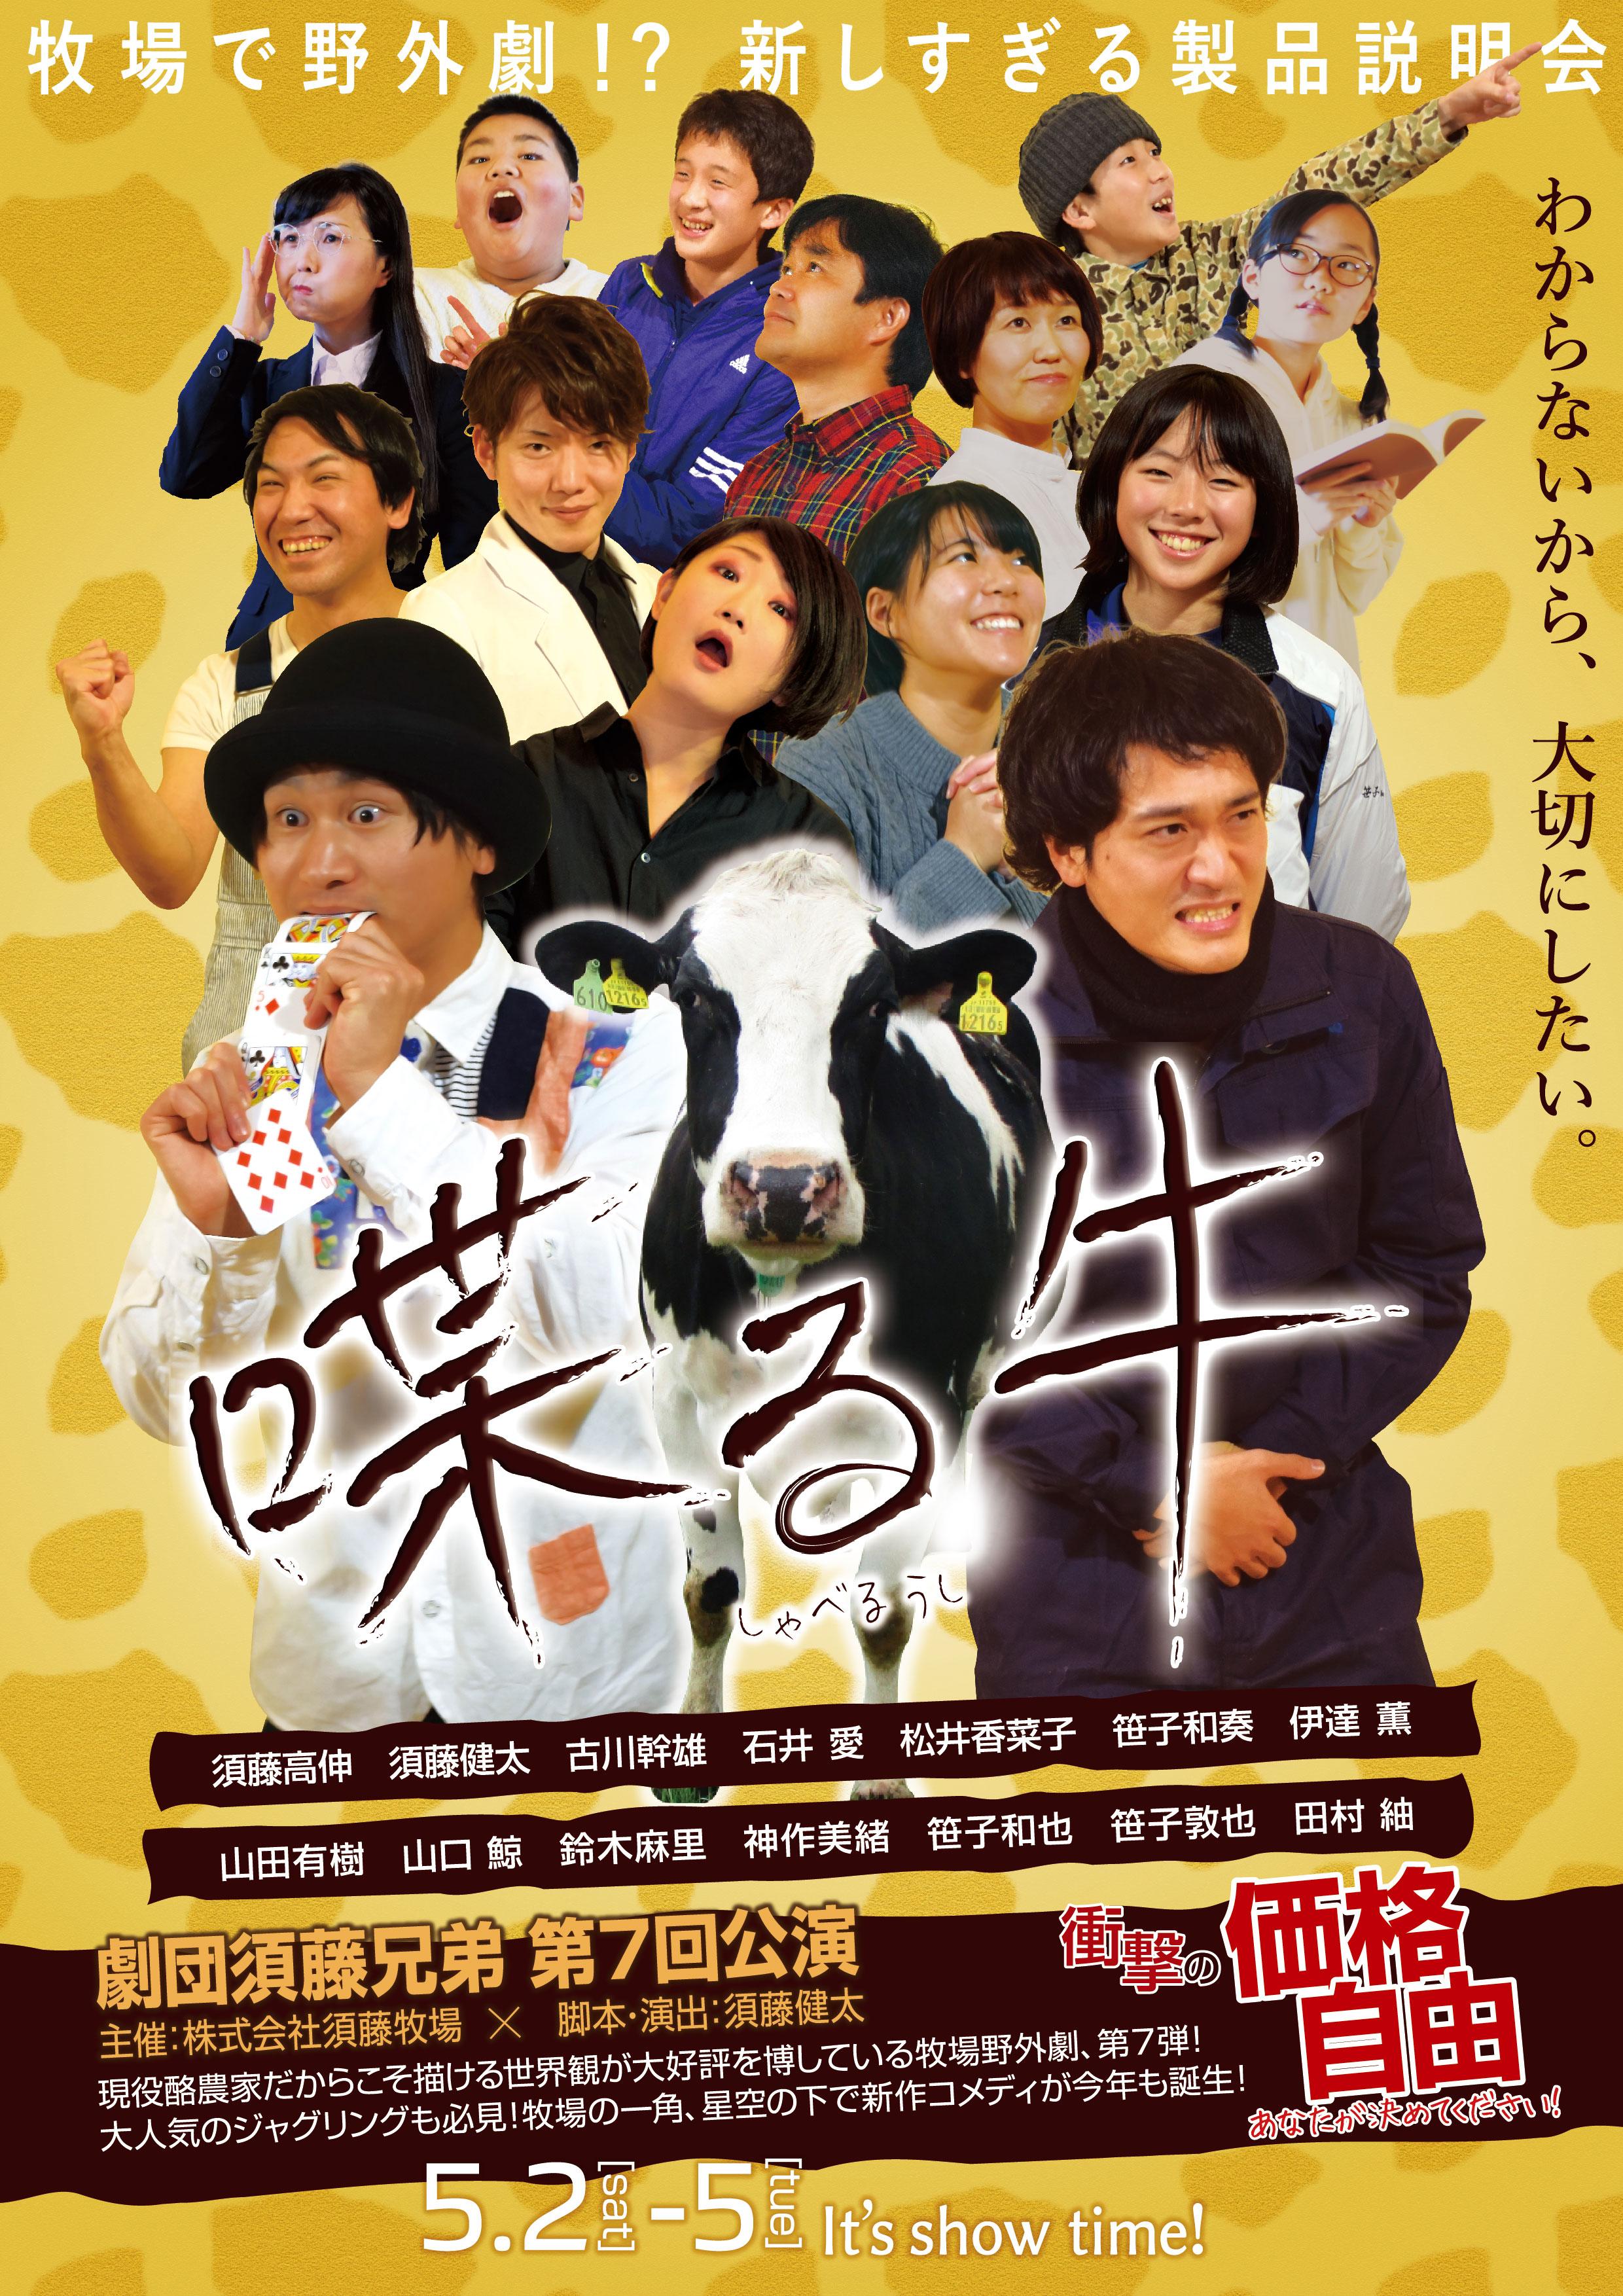 劇団須藤兄弟第7回公演【喋る牛】